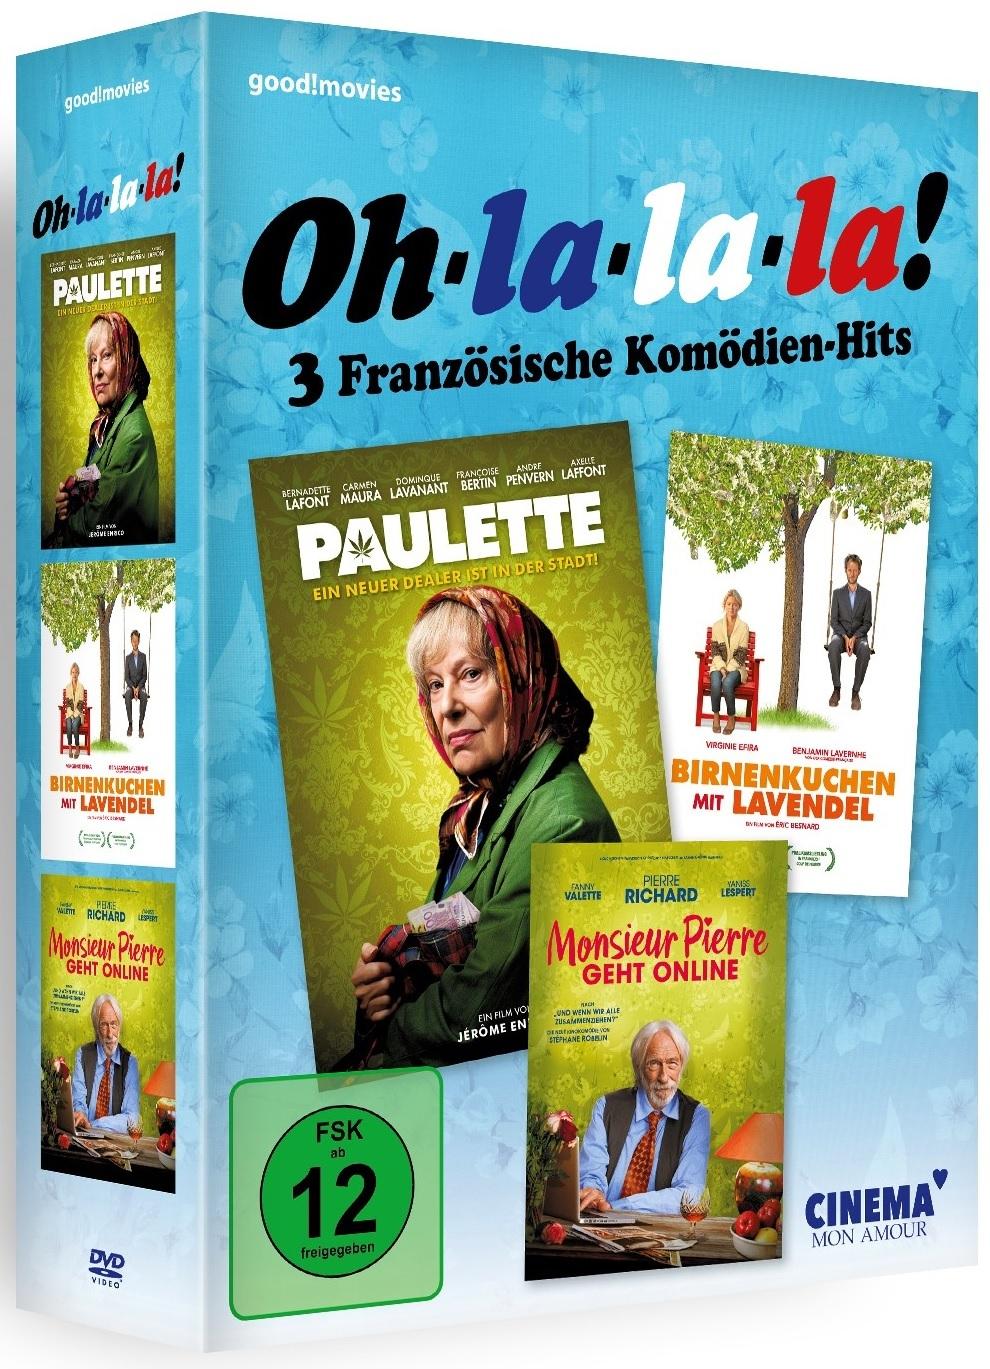 Image of 3 Französische Komödien-Hits